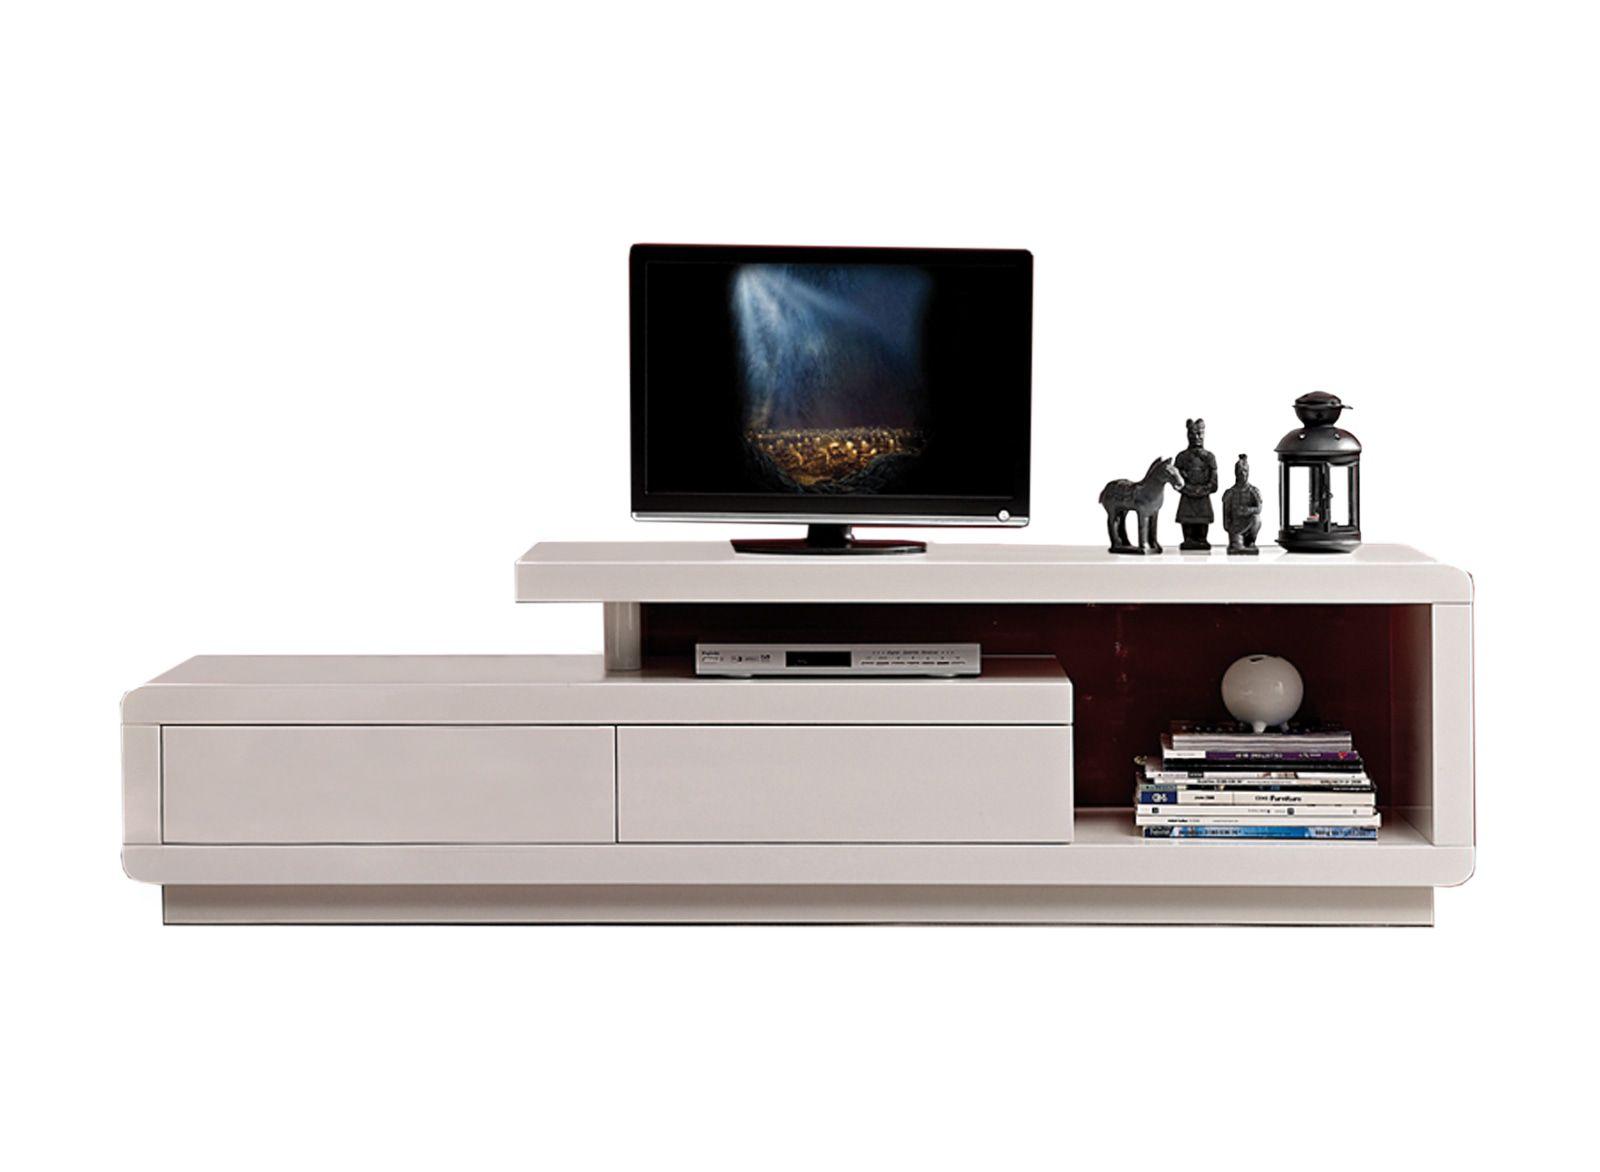 #30486322266992 Monaica Crystal TV Meubel Hoogglans Wit € 279.65 Bij Trendymeubels betrouwbaar Design Hoogglans Tv Meubel 1157 afbeelding opslaan 160011721157 Idee